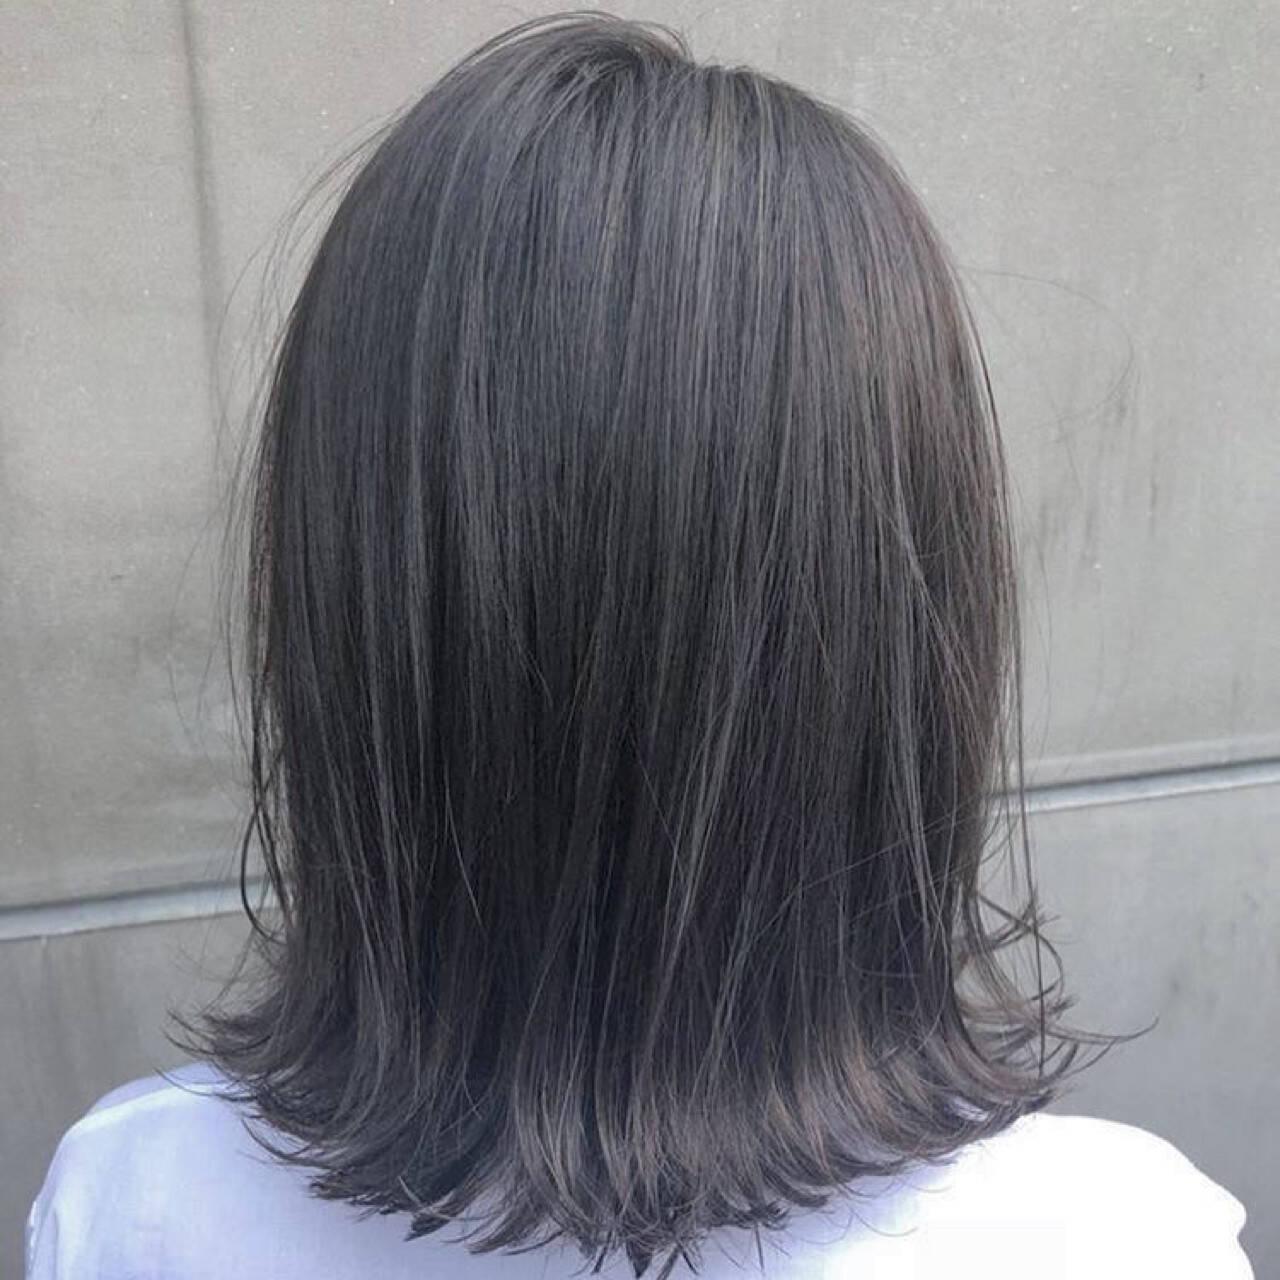 メンズ 透明感 モード アウトドアヘアスタイルや髪型の写真・画像